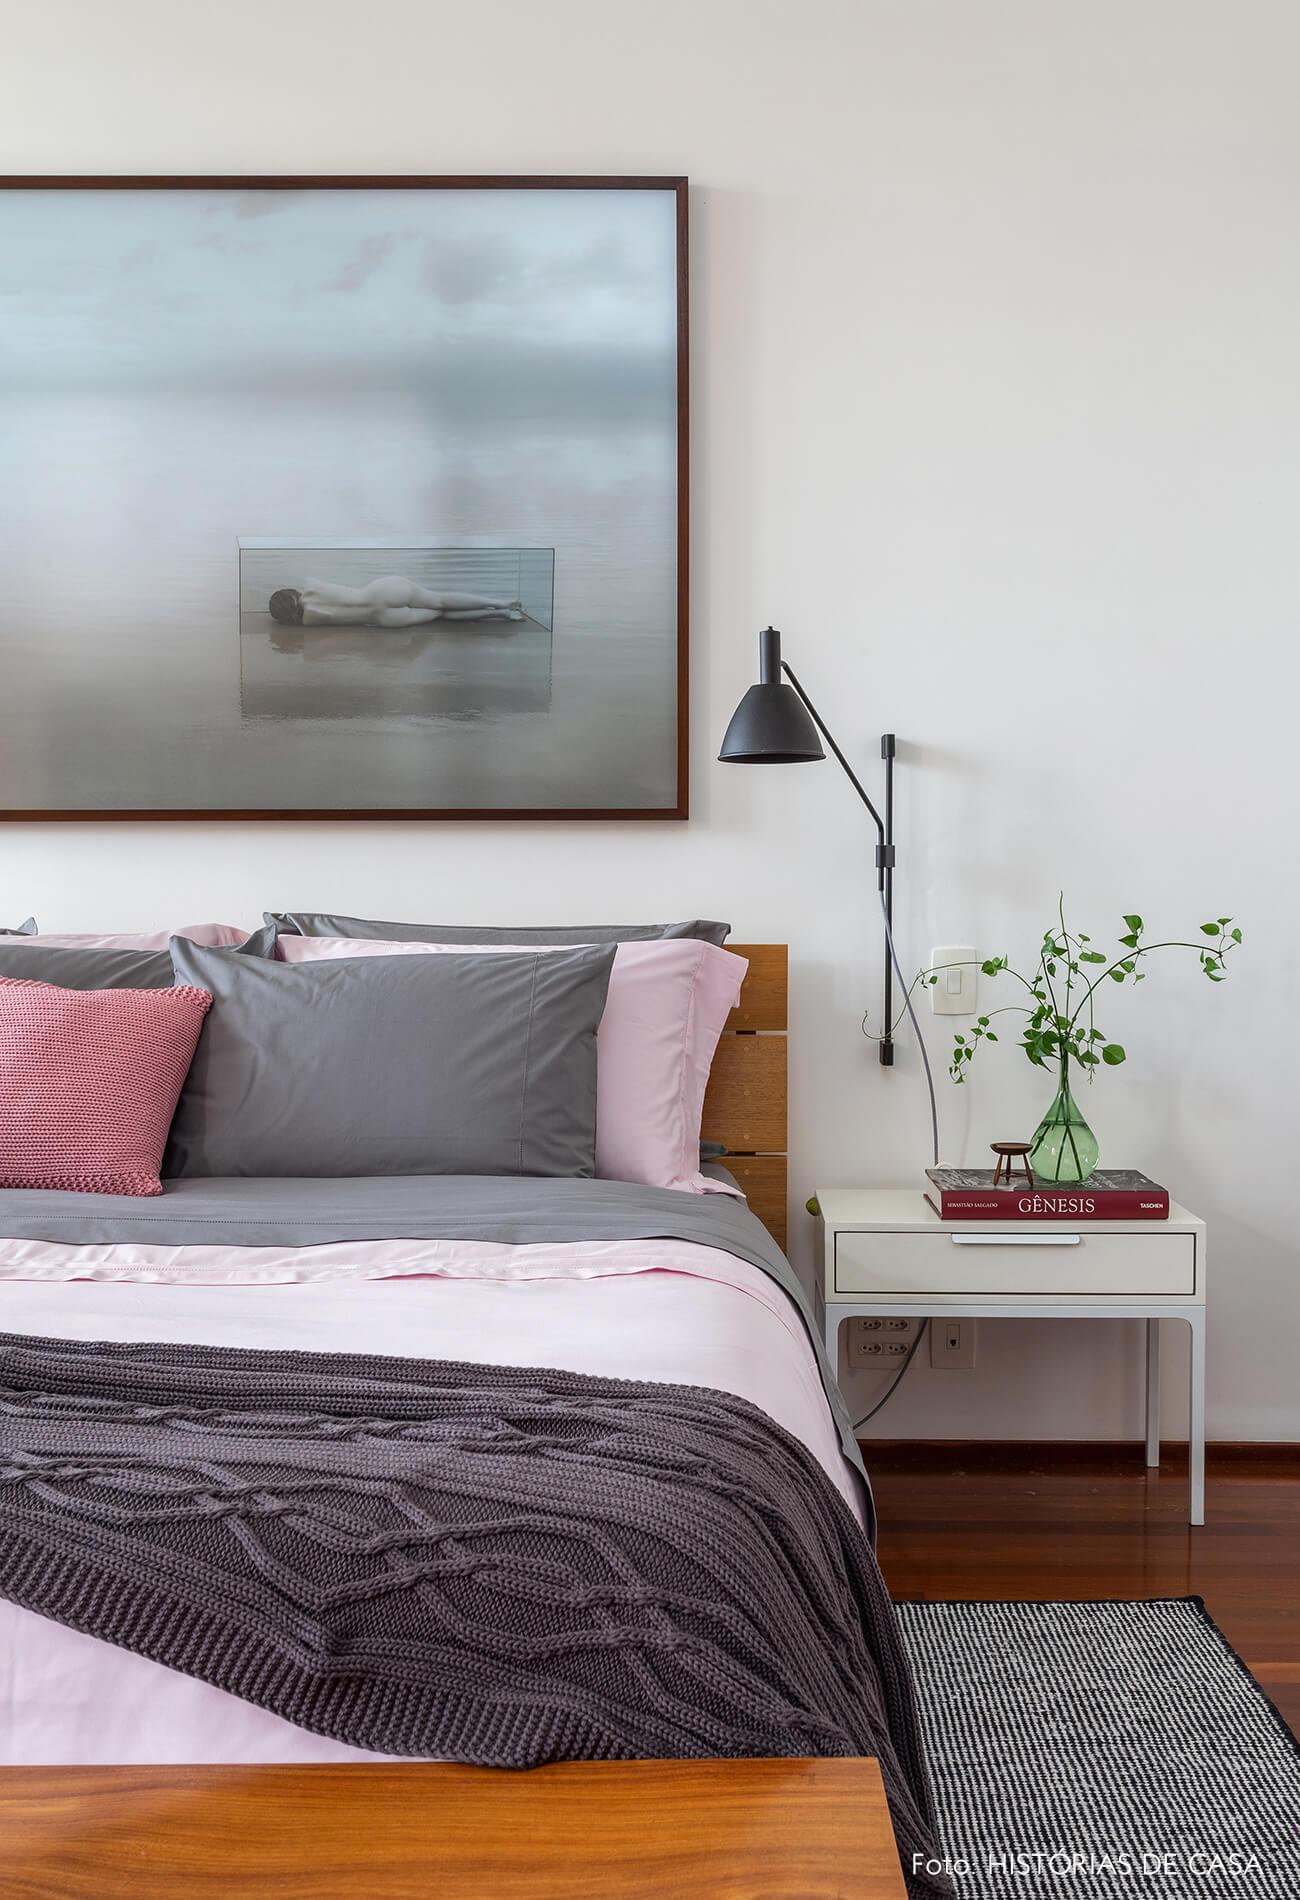 Quarto de casal com roupa de cama cinza e rosa